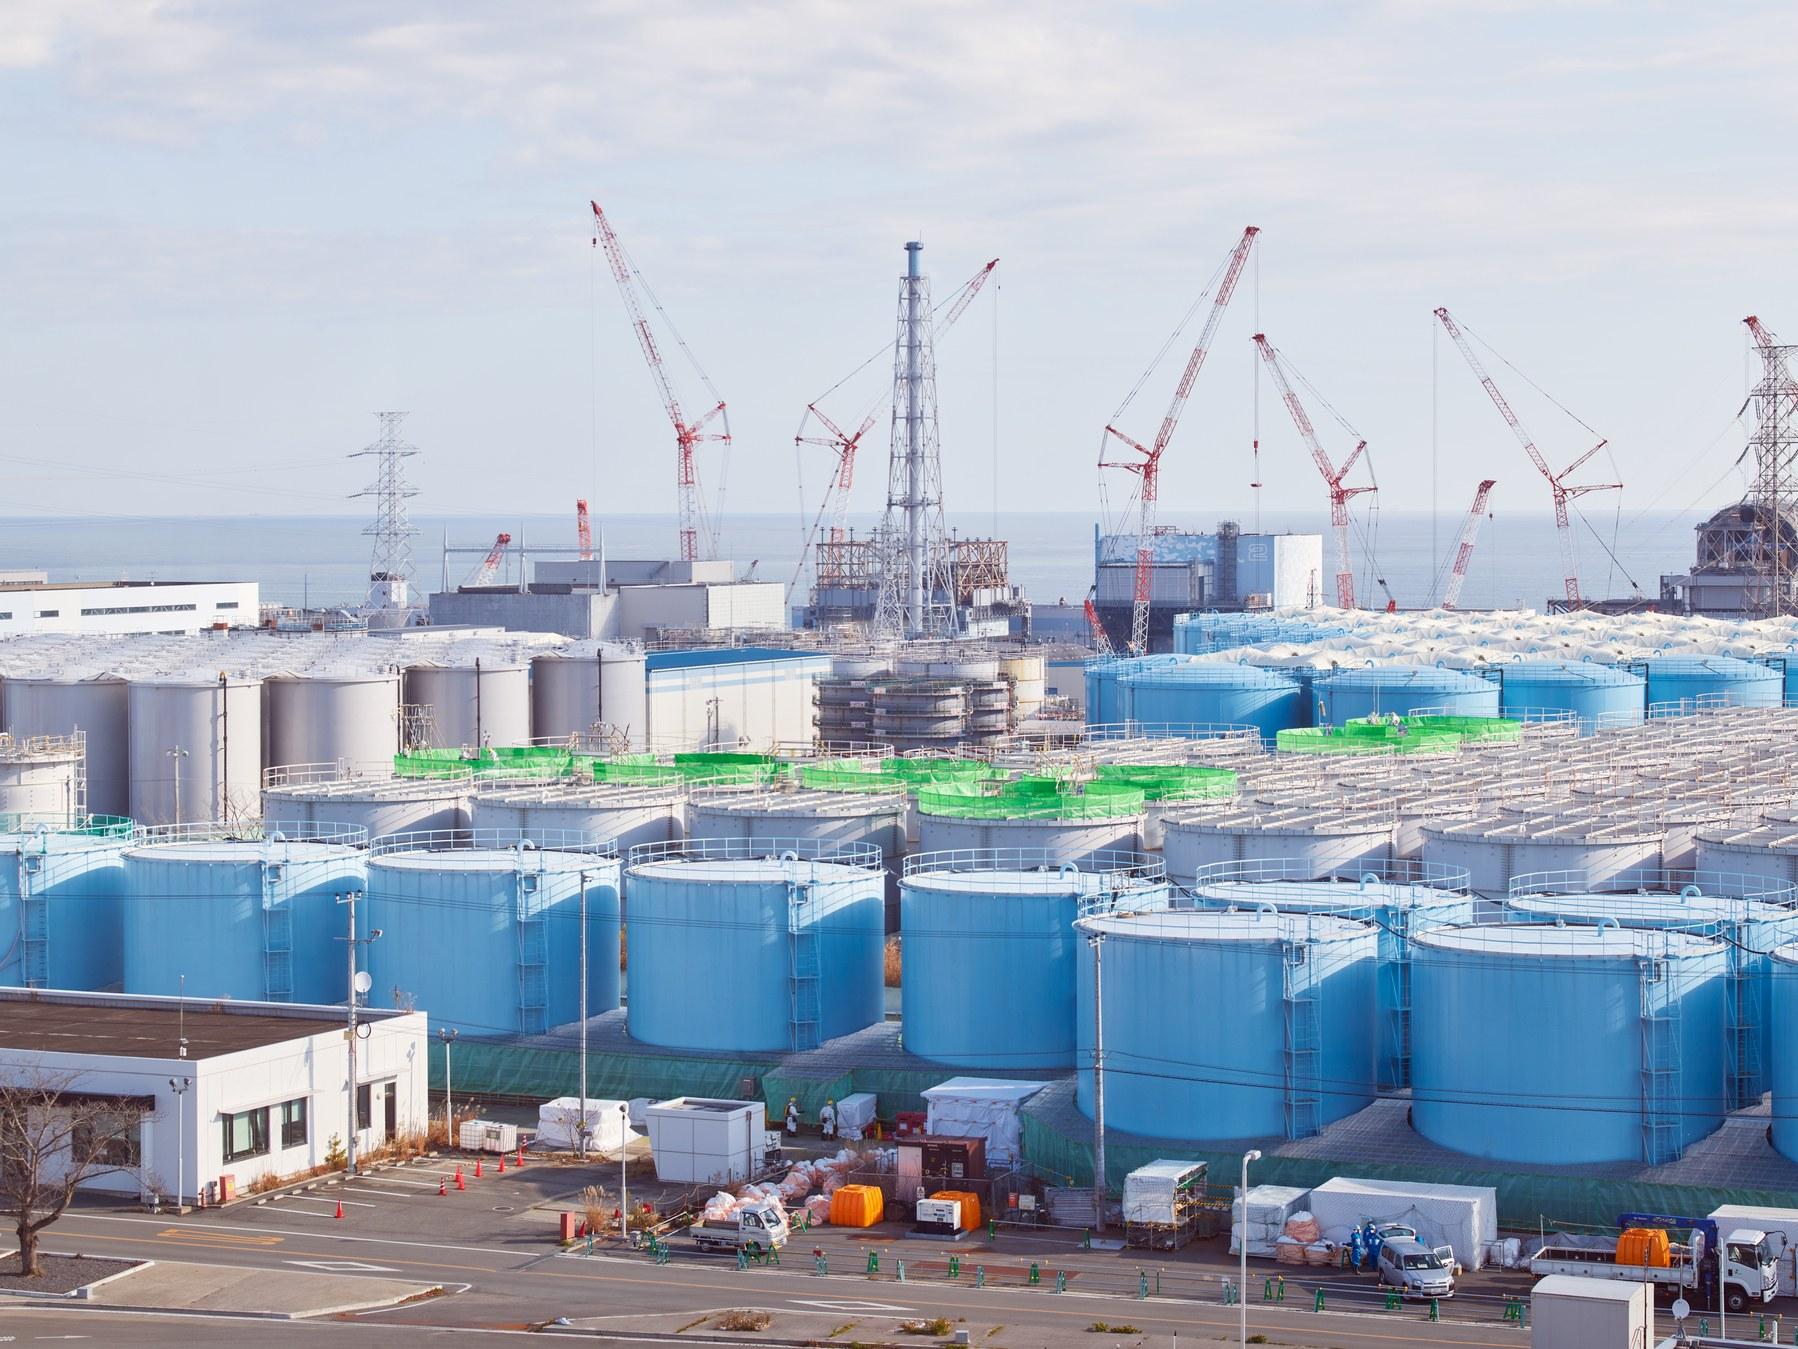 Các thùng chứa nước nhiễm xạ tại nhà máy Fukushima Daiichi. Ảnh: Wired.